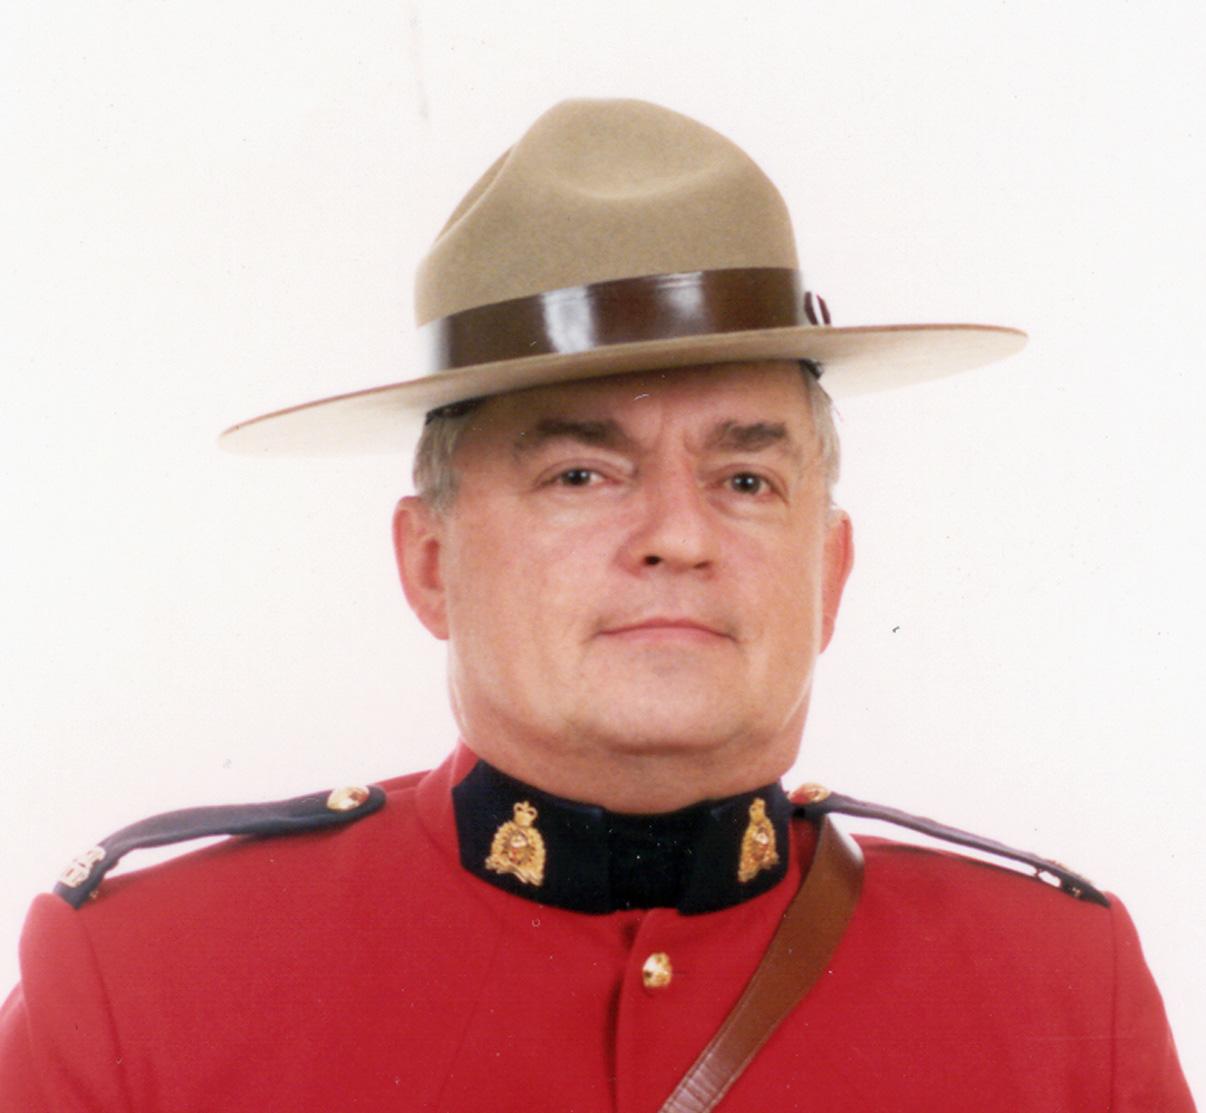 Sergeant Derek Cameron Burkholder